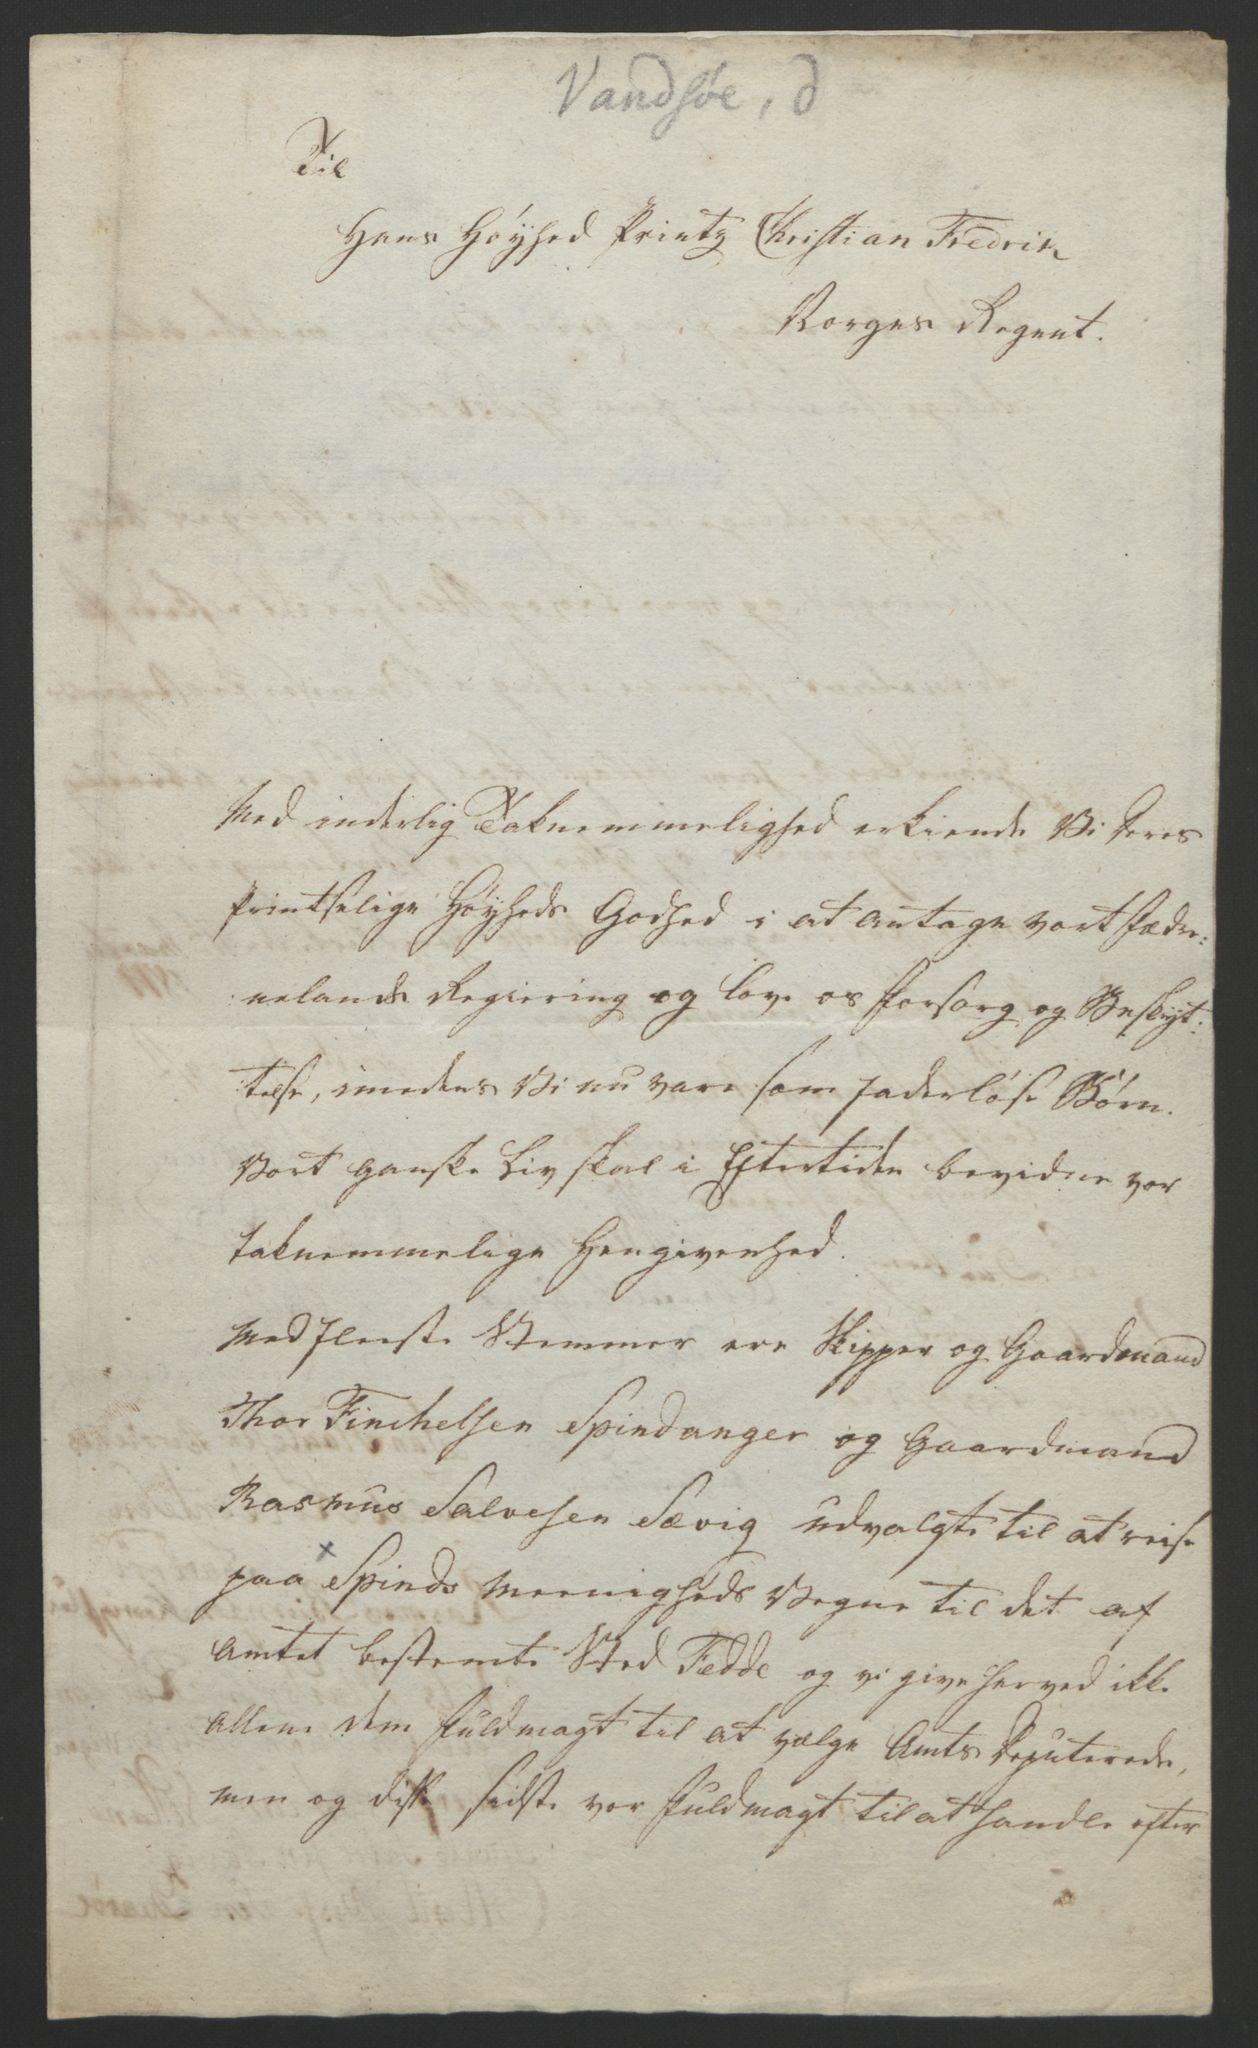 RA, Statsrådssekretariatet, D/Db/L0008: Fullmakter for Eidsvollsrepresentantene i 1814. , 1814, s. 192